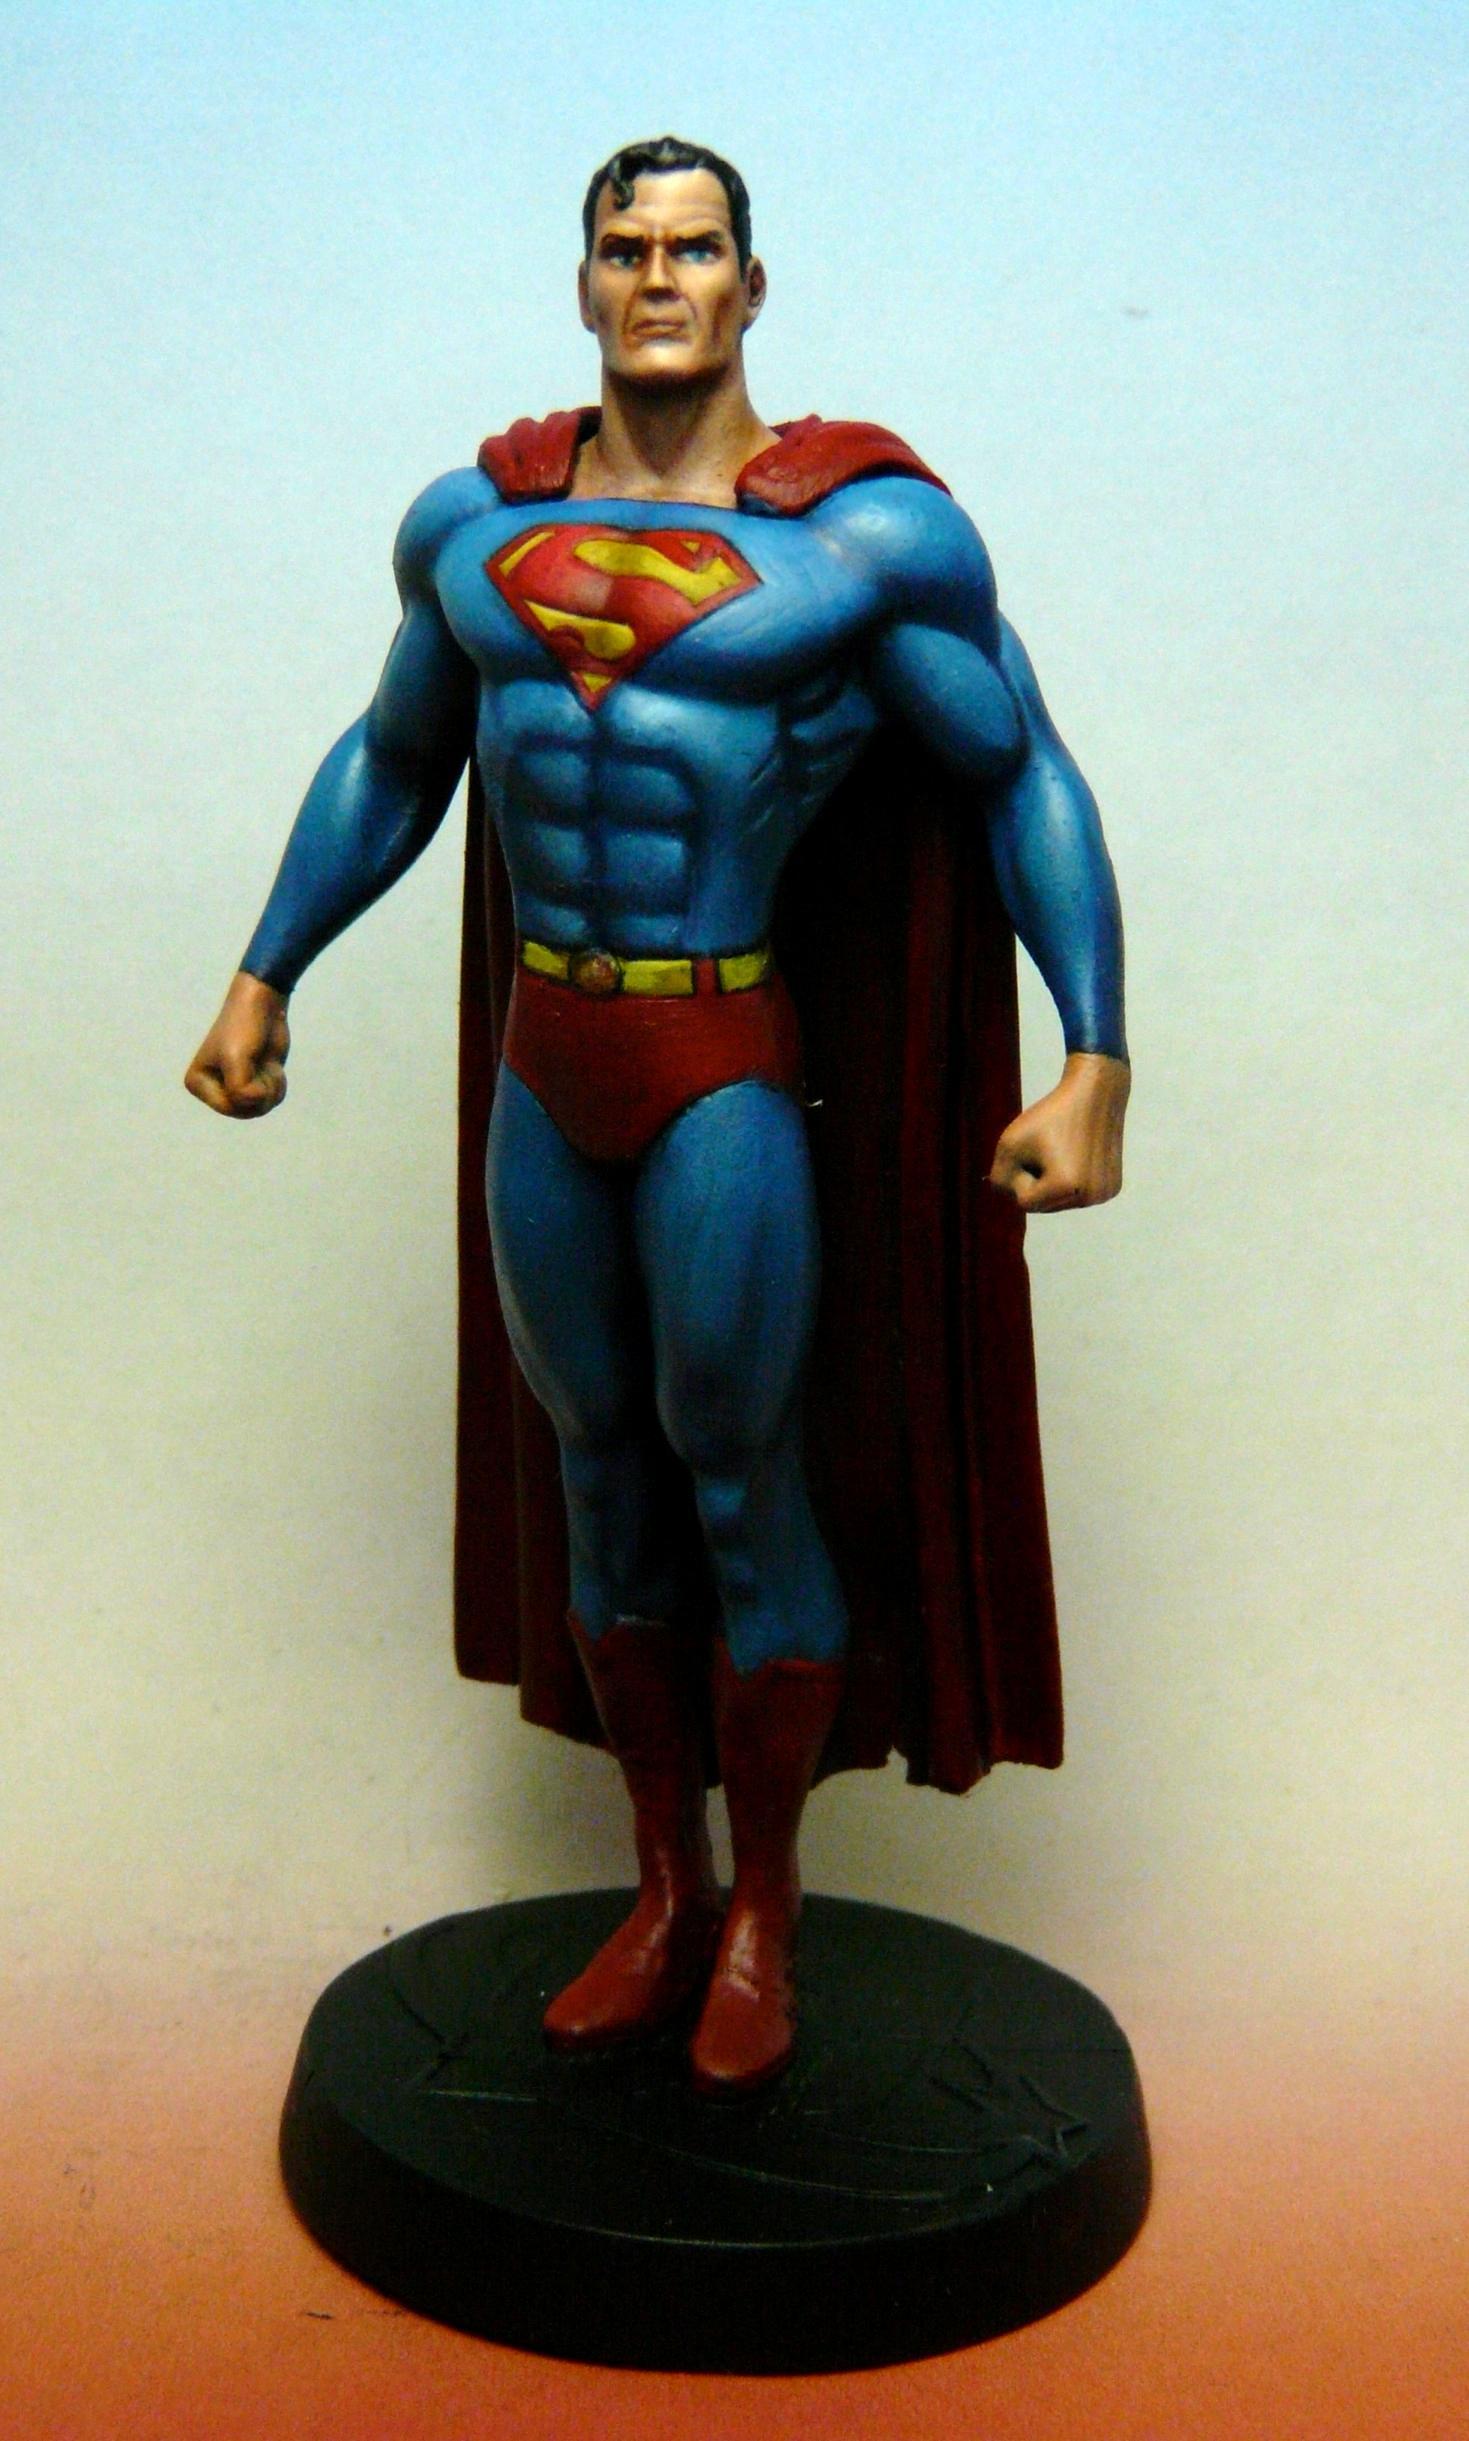 Comics, Dc Comics, Justice League, Superhero, Superman